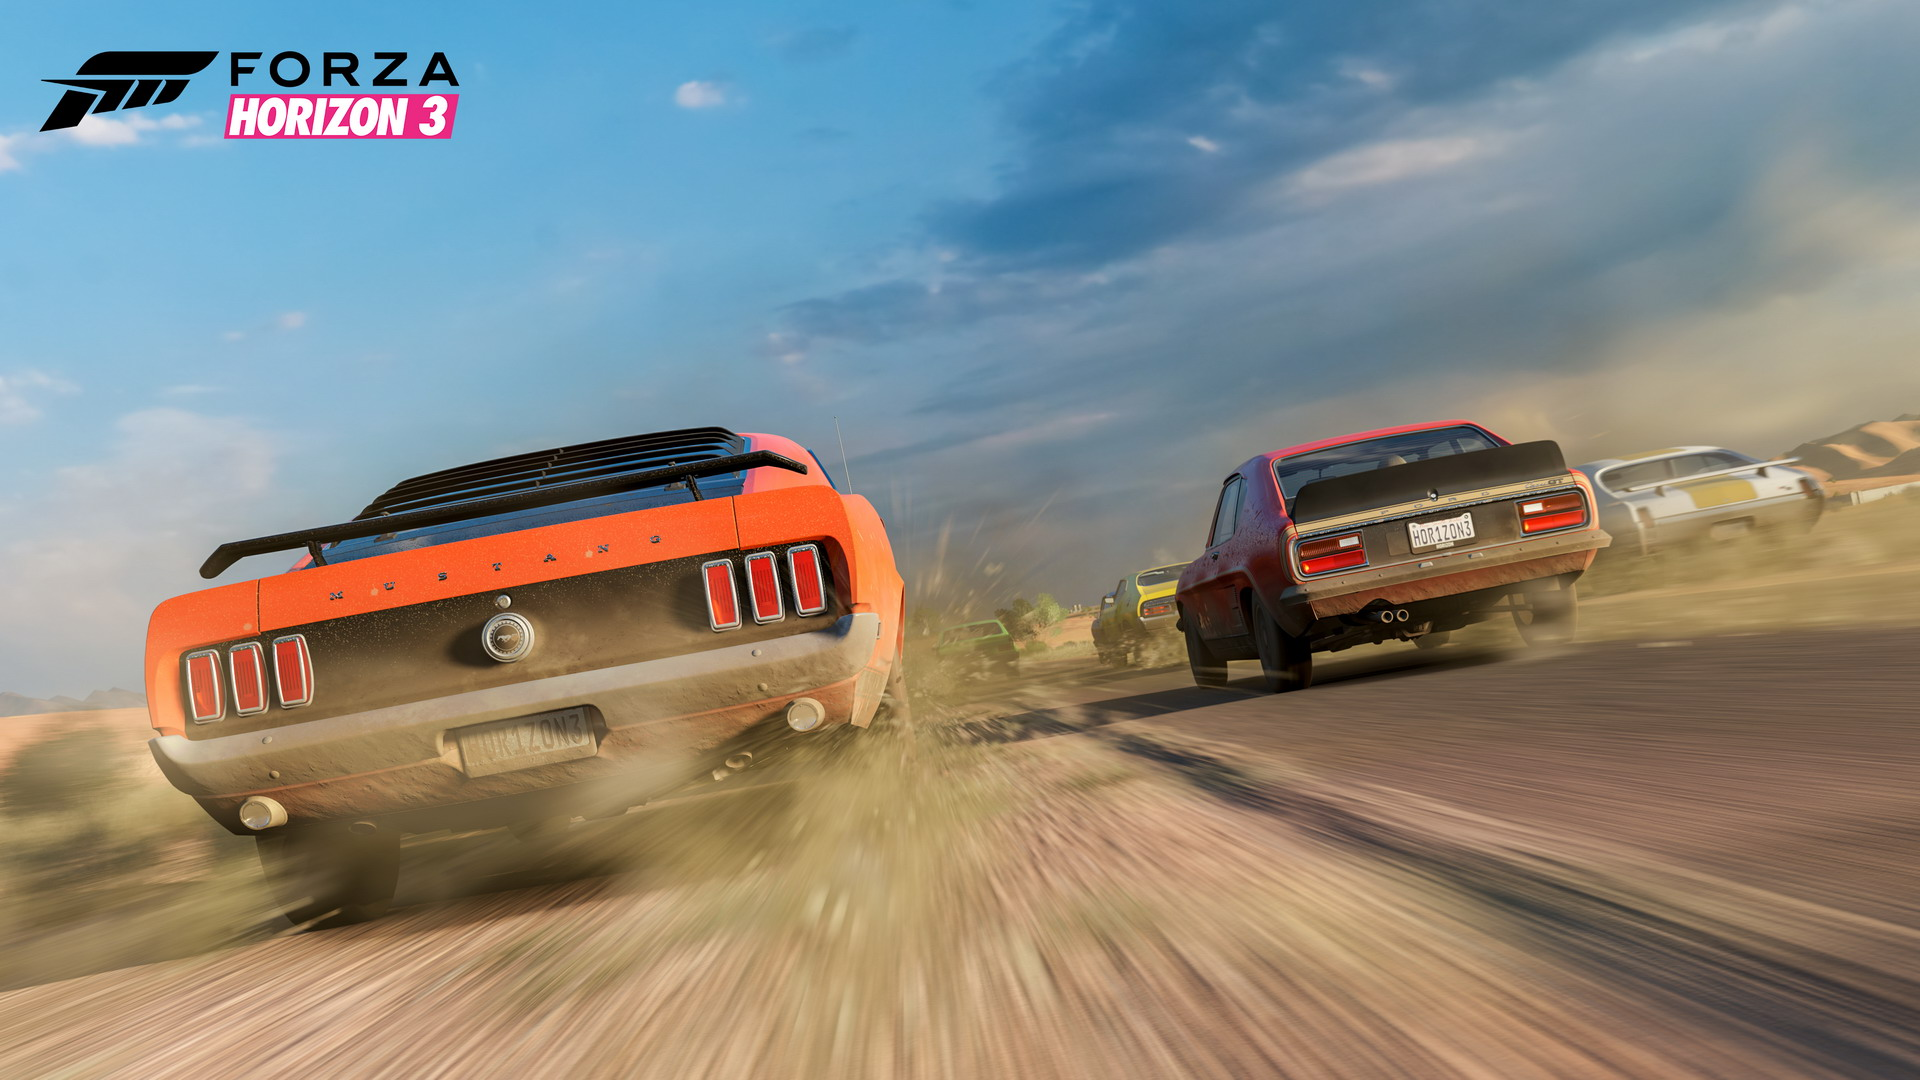 ForzaHorizon3 Multi Editeur 003